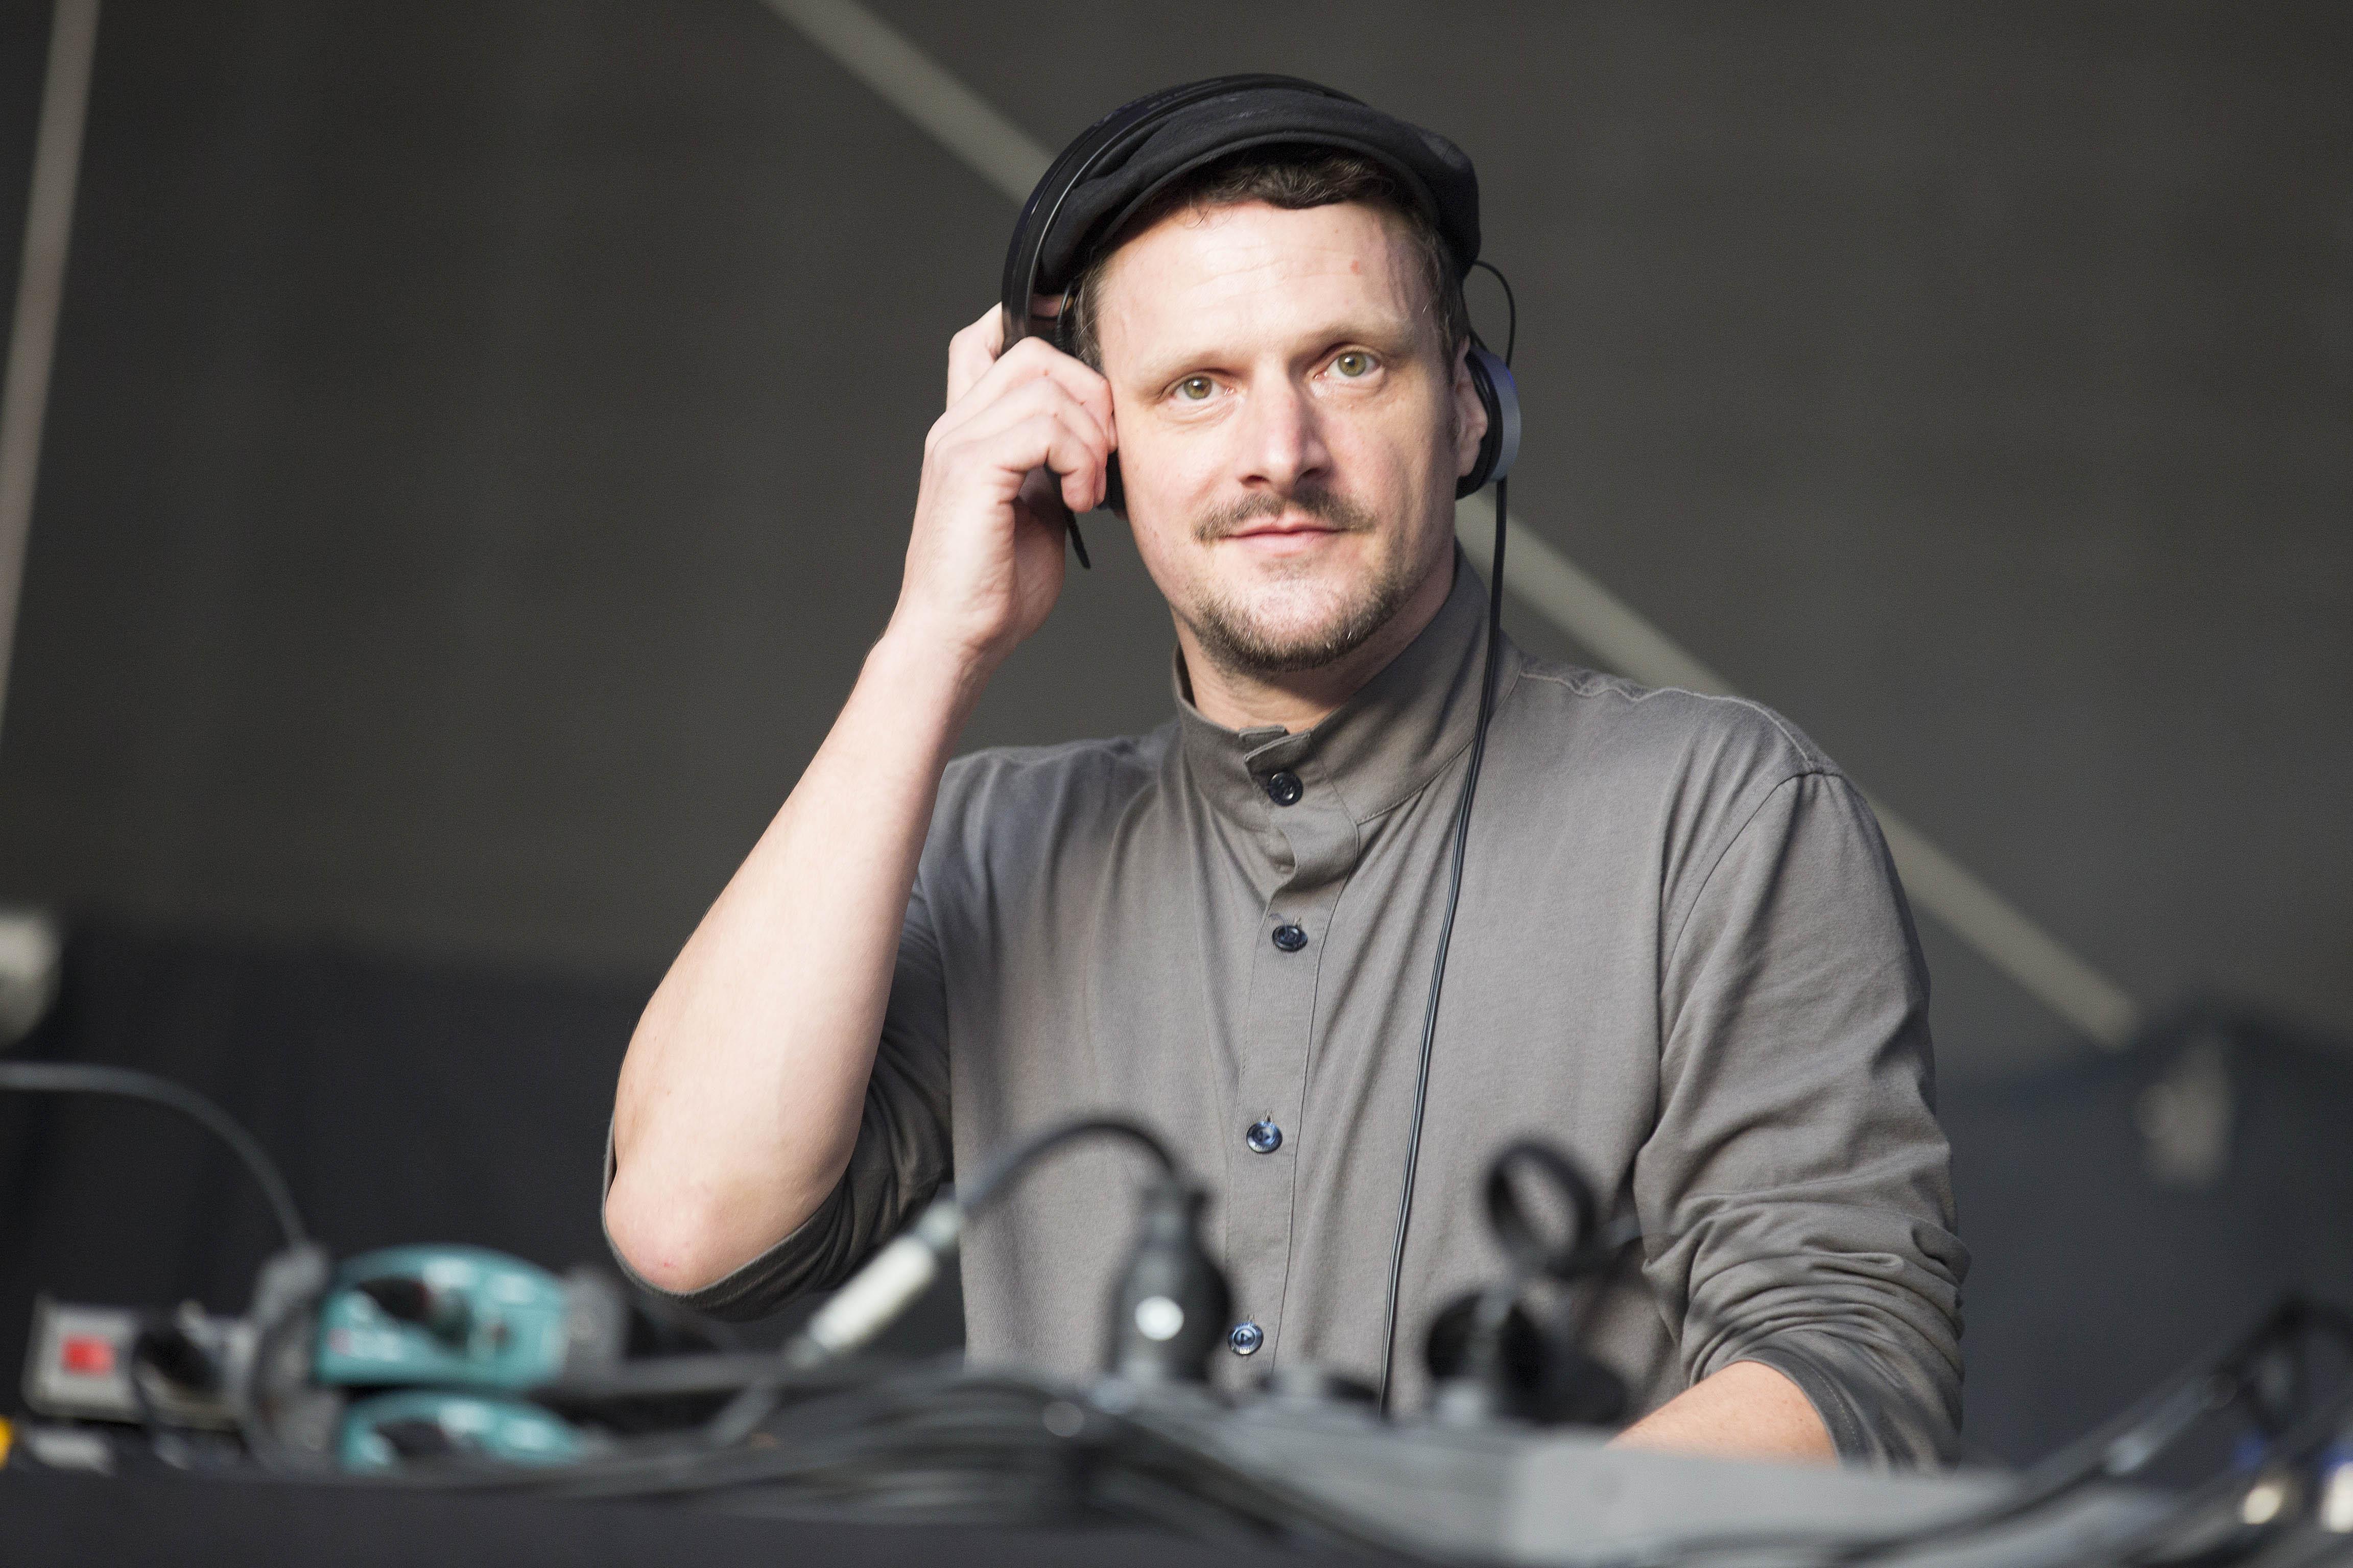 DJ Koze, buergerlich Stefan Kozalla - der deutsche DJ, Musiker und Labelbetreiber bei einem Auftritt auf dem MS Dockville Fes